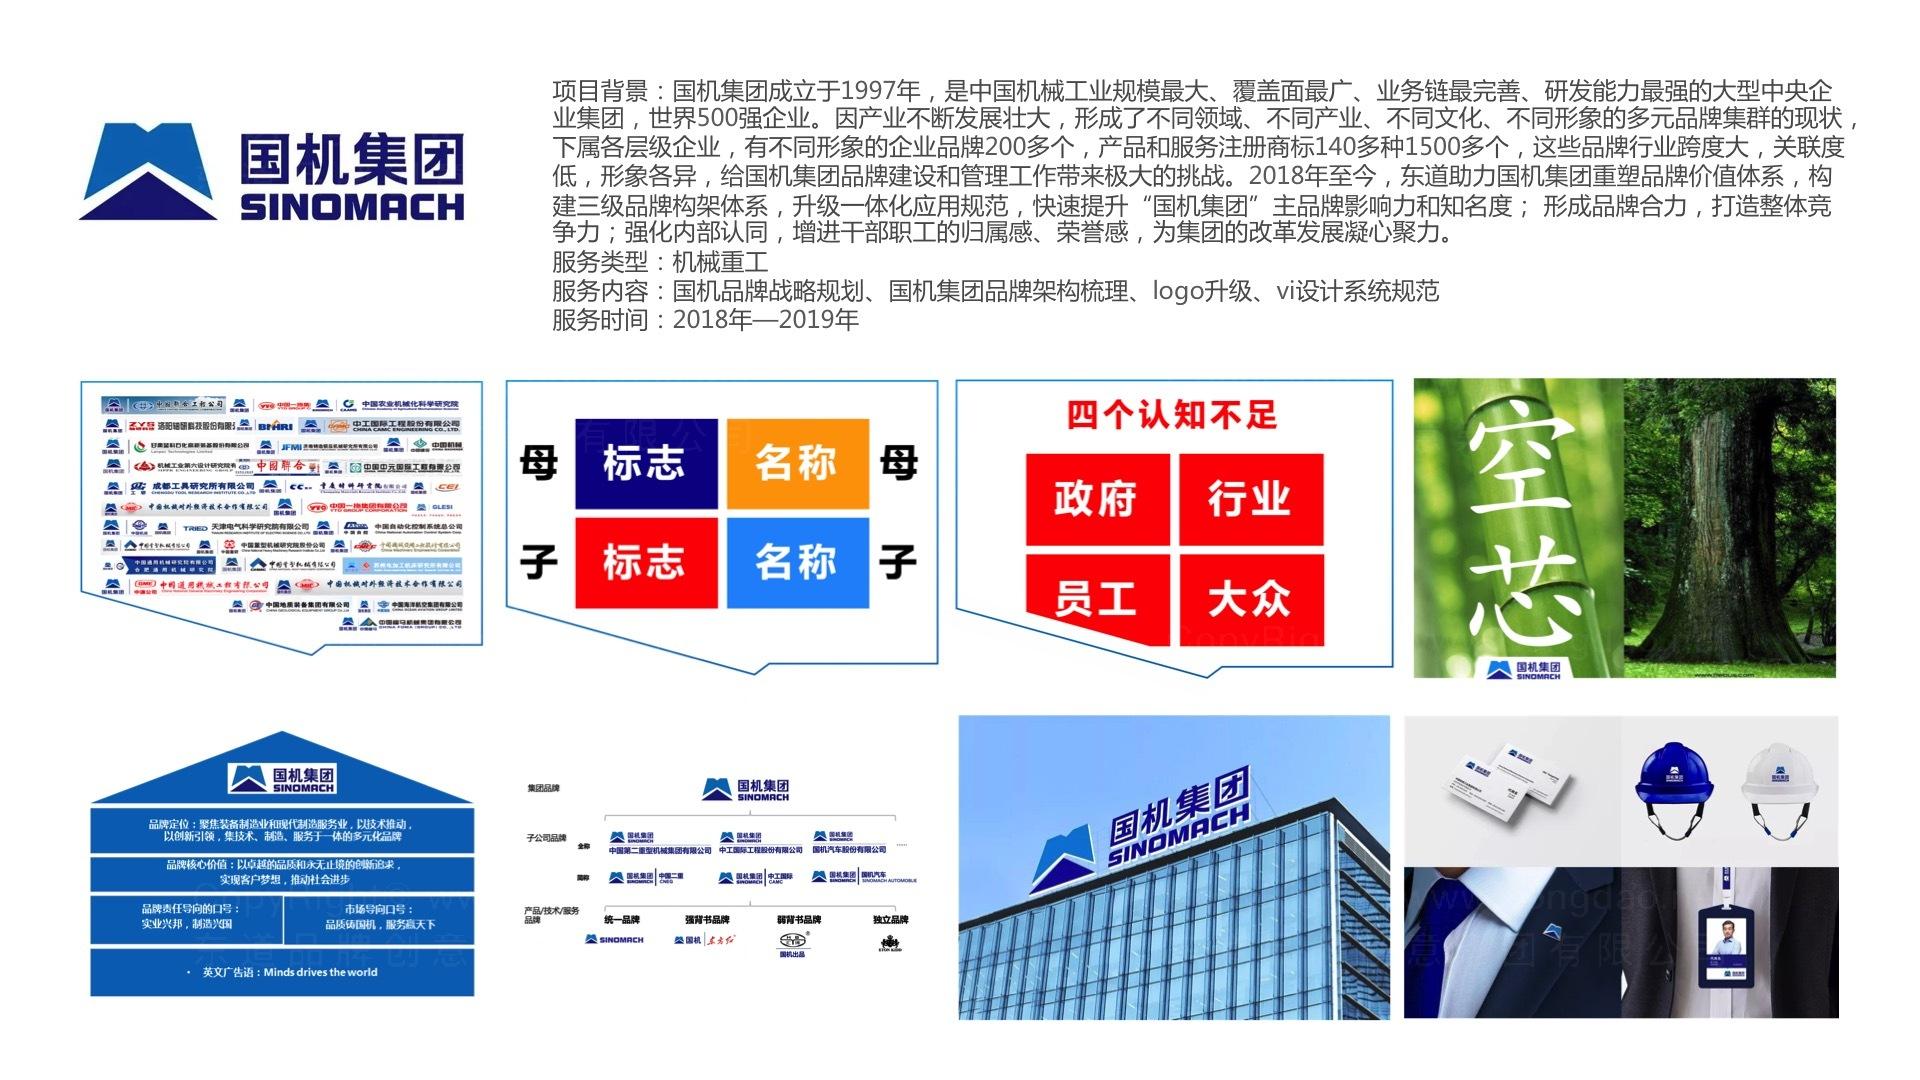 工业制造品牌战略&企业文化国机智骏品牌战略规划与架构梳理